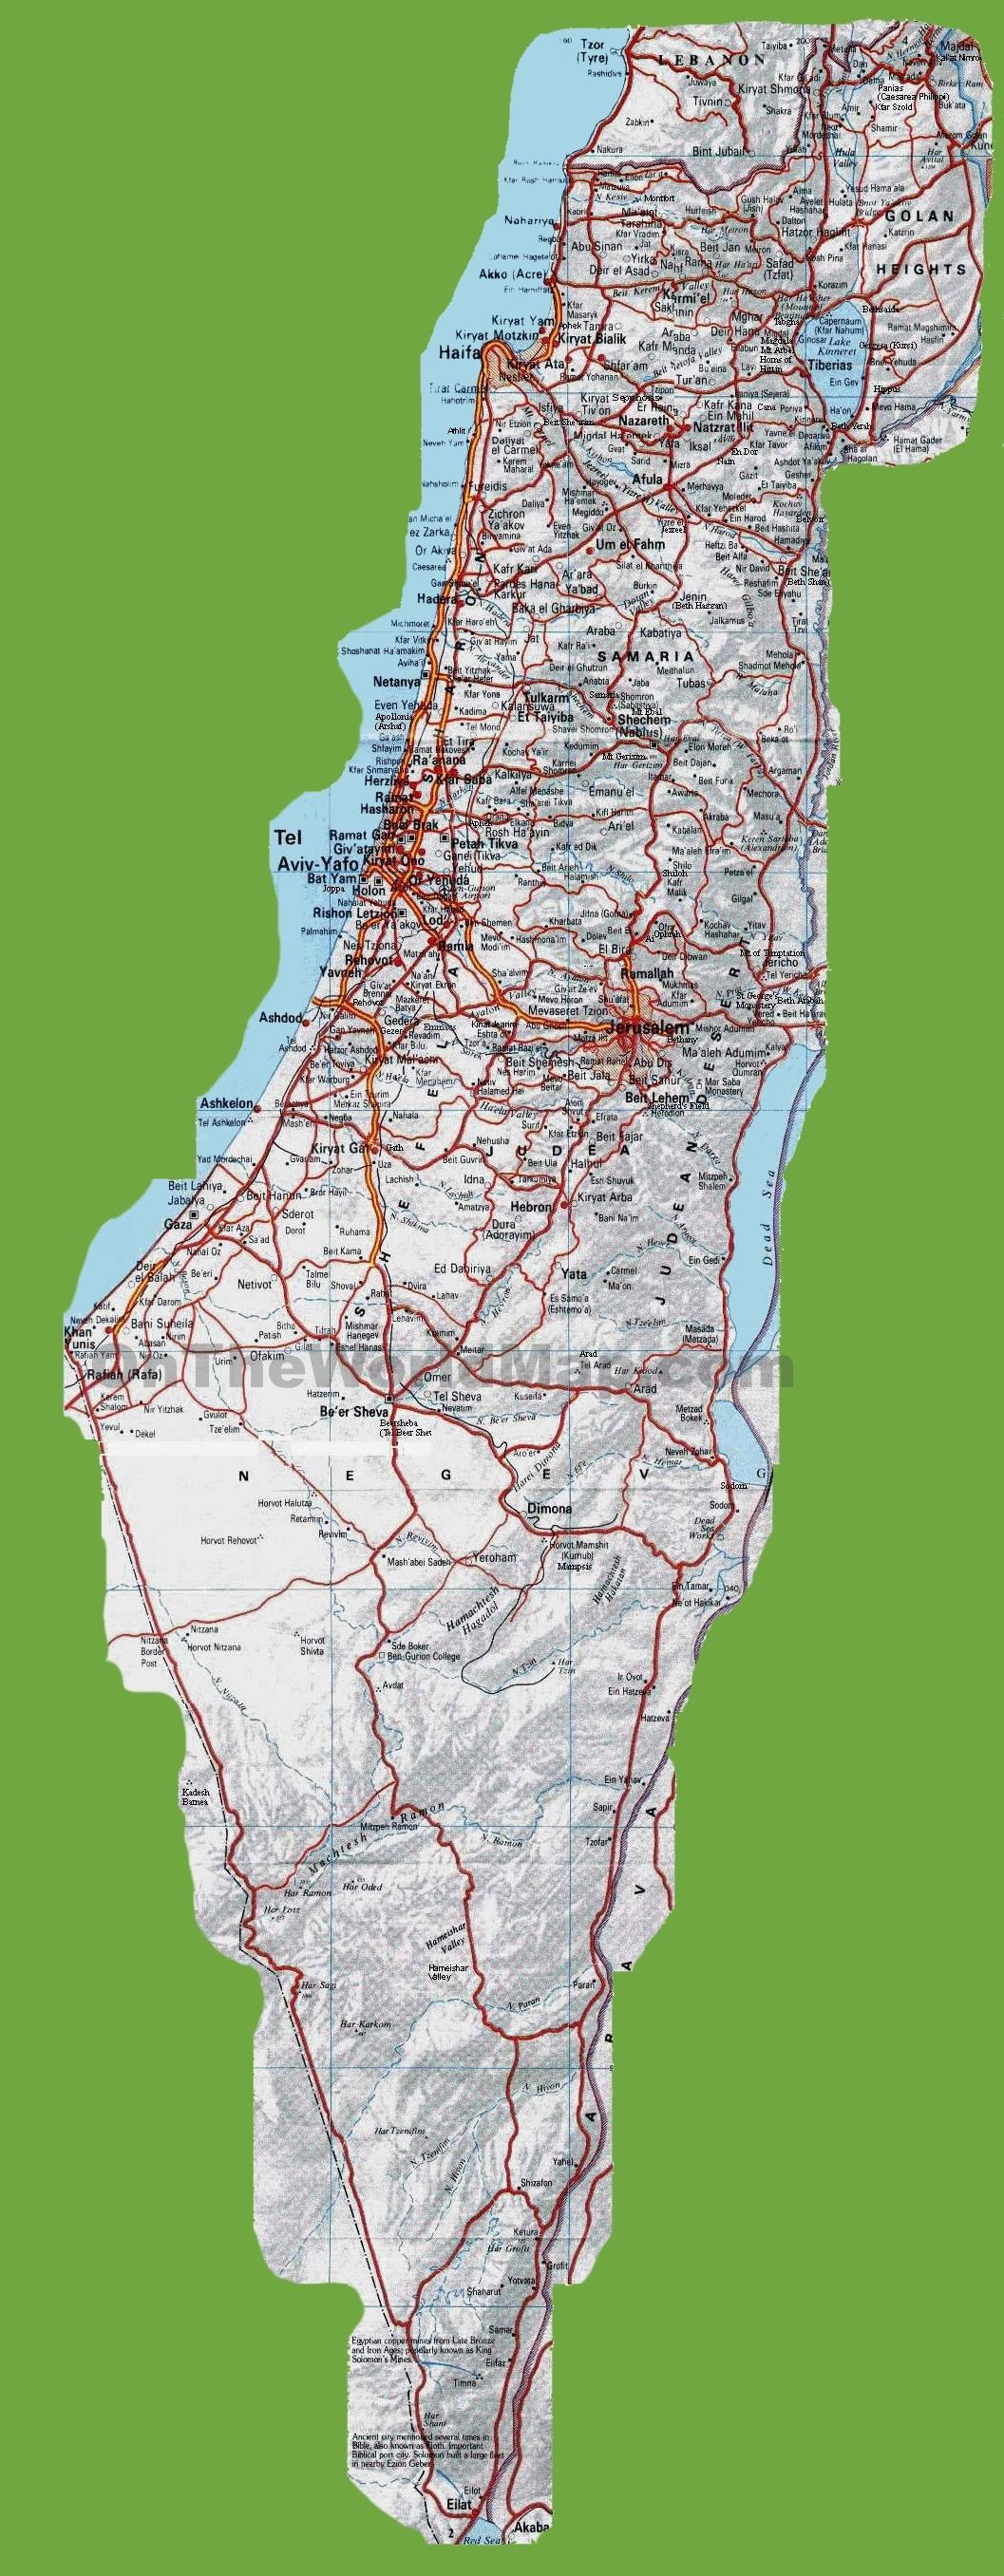 Israel Maps on